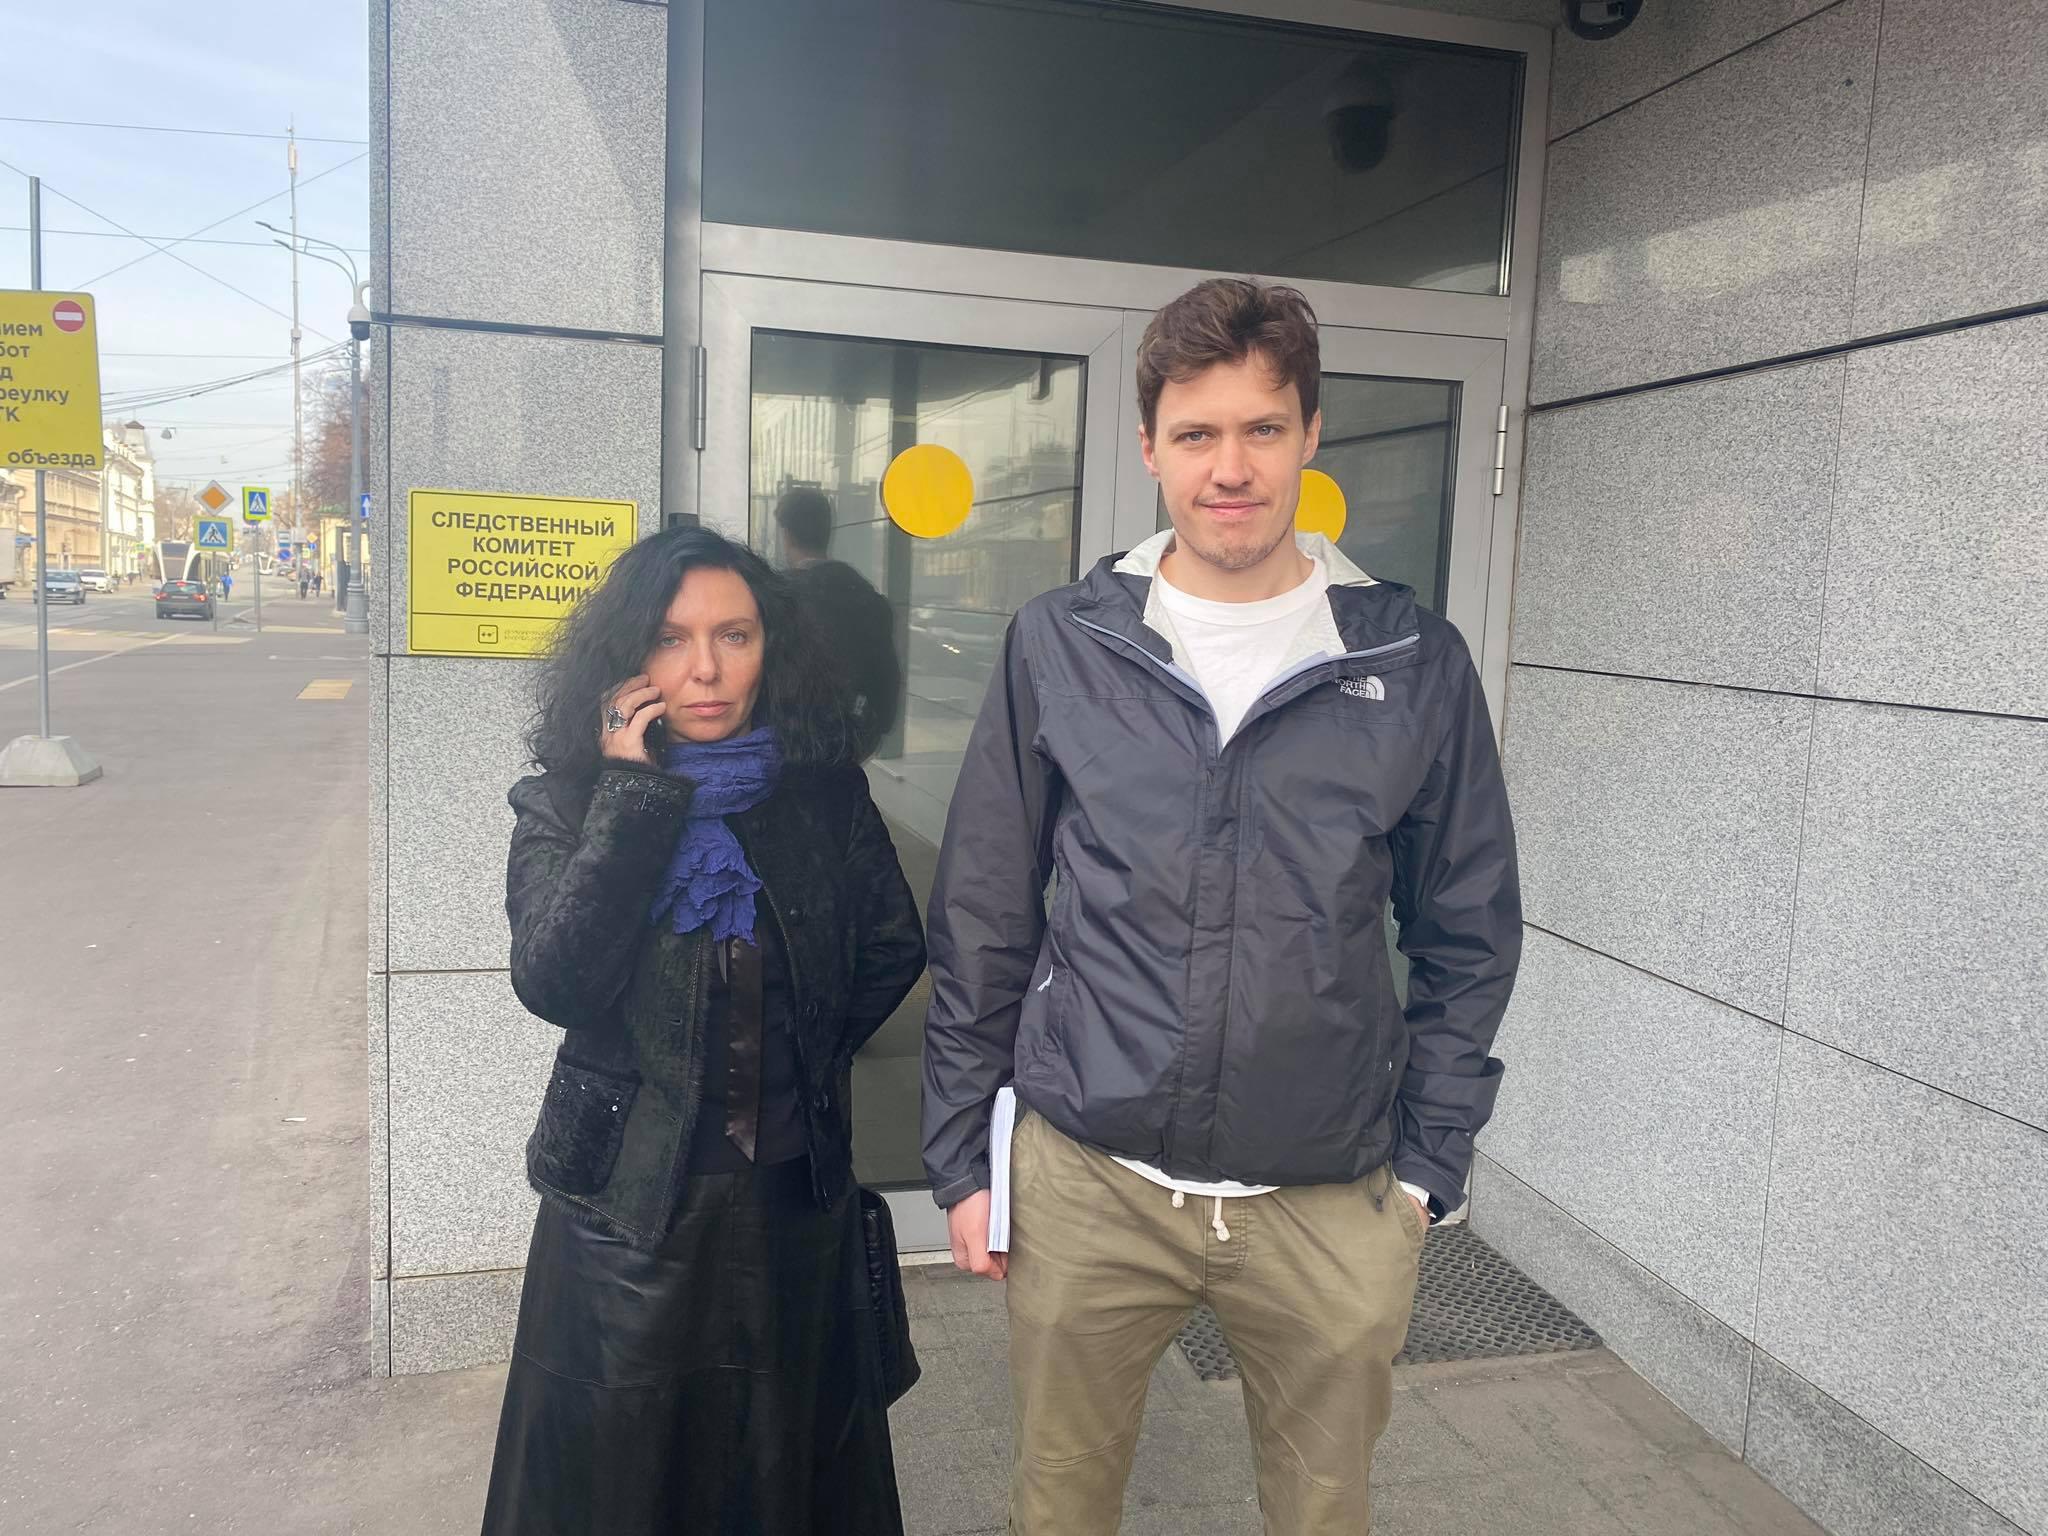 Адвокат Анна Ставицкая и Роман Анин после допроса в СК.